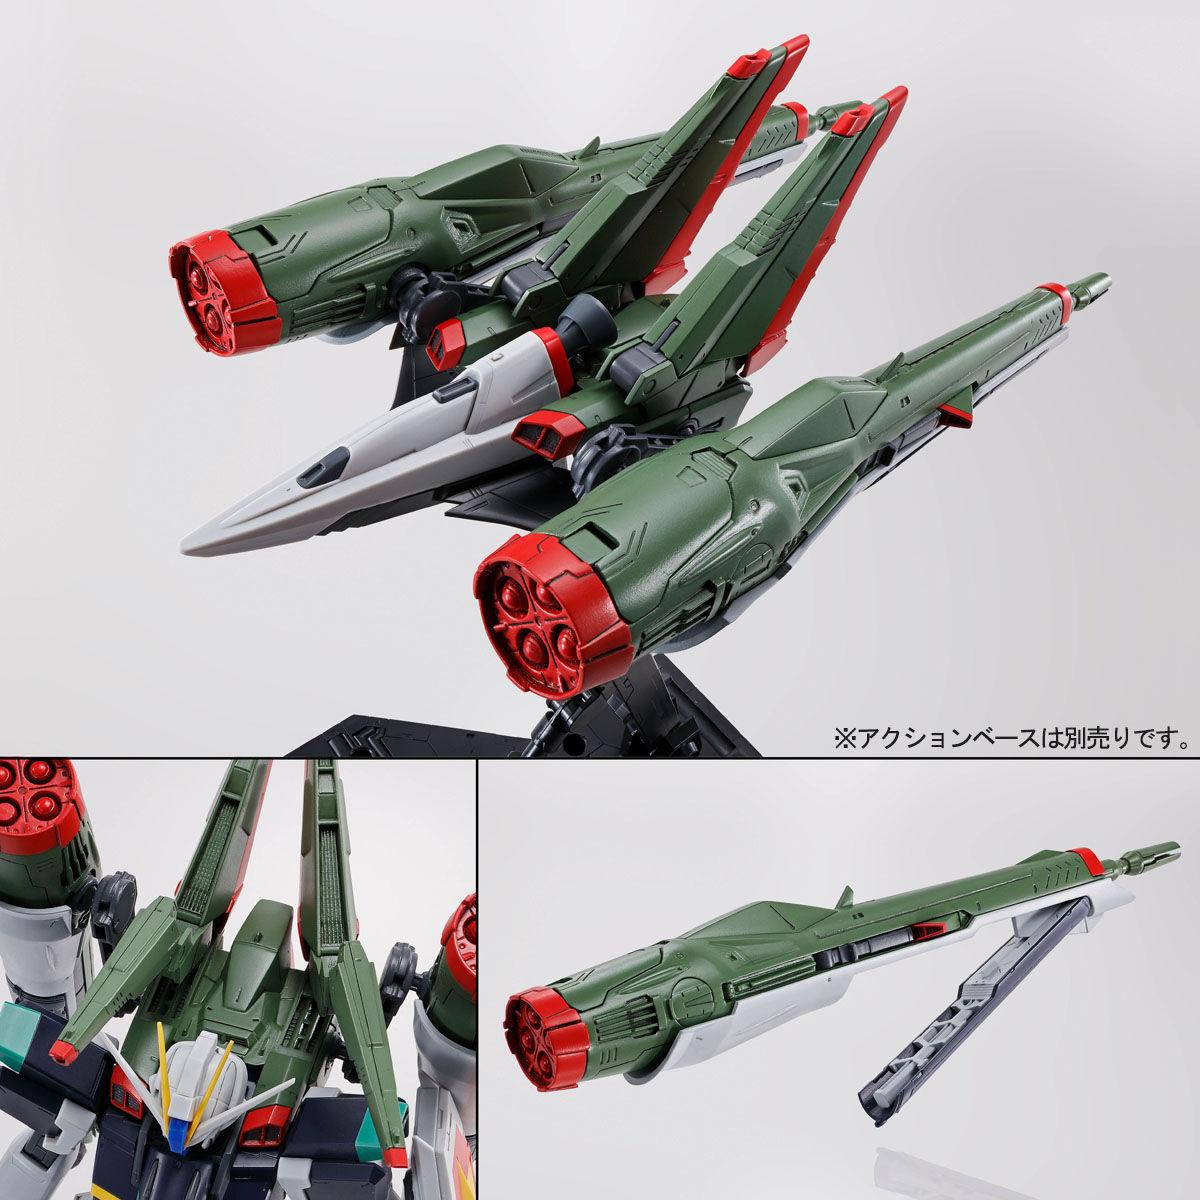 【限定販売】MG 1/100『ブラストインパルスガンダム』プラモデル-008